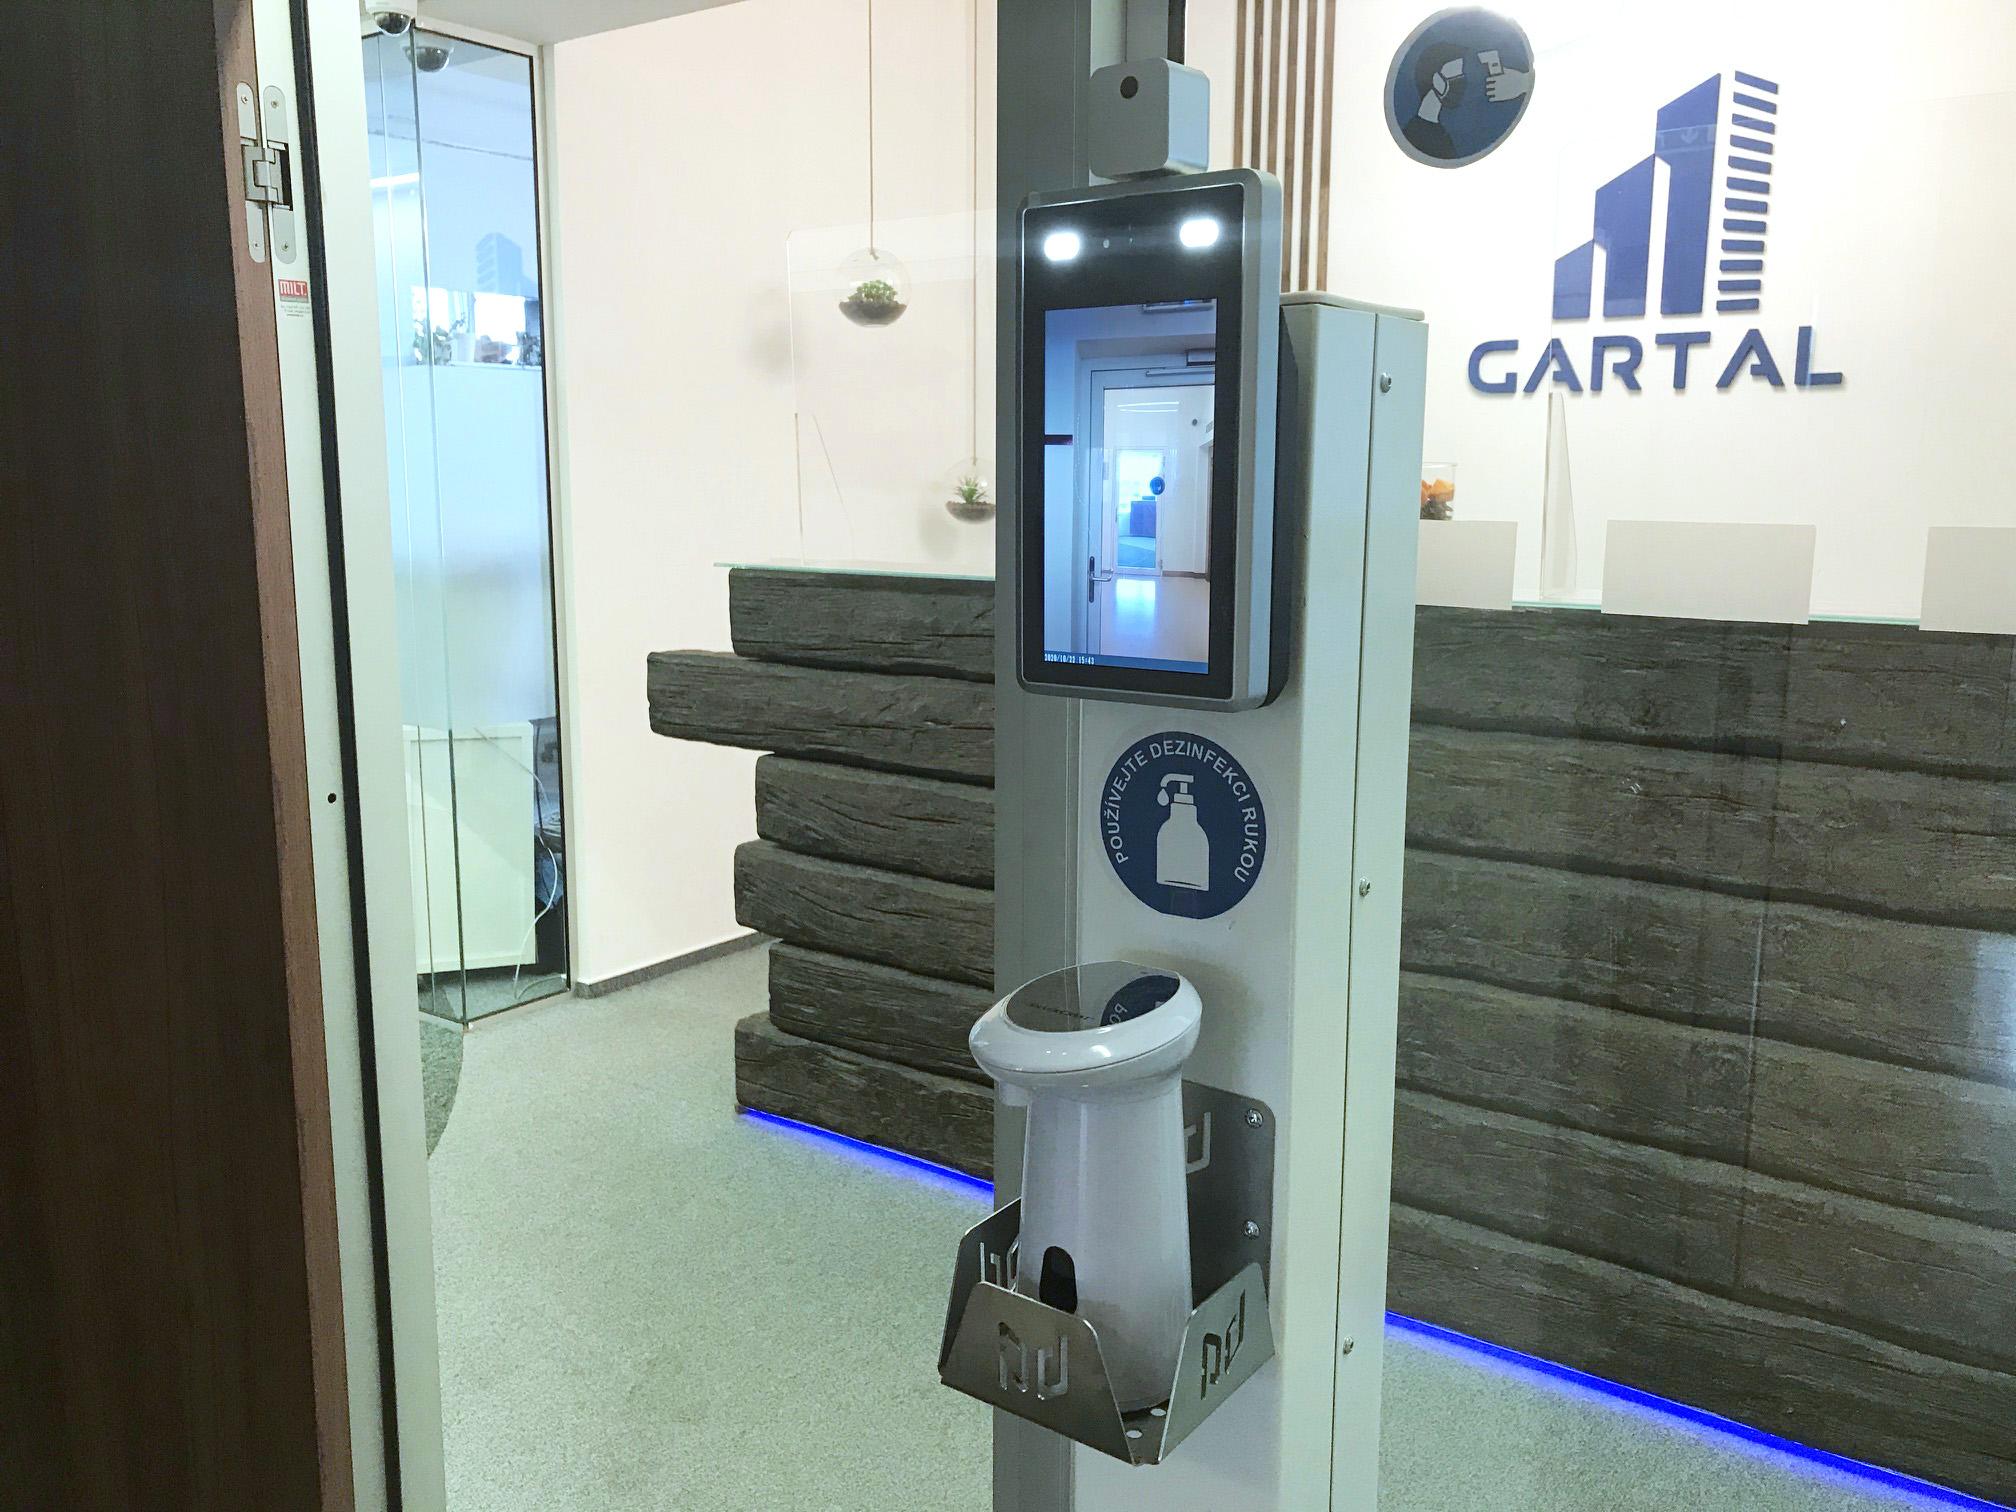 Nové moderní byty v Praze. Developer GARTAL